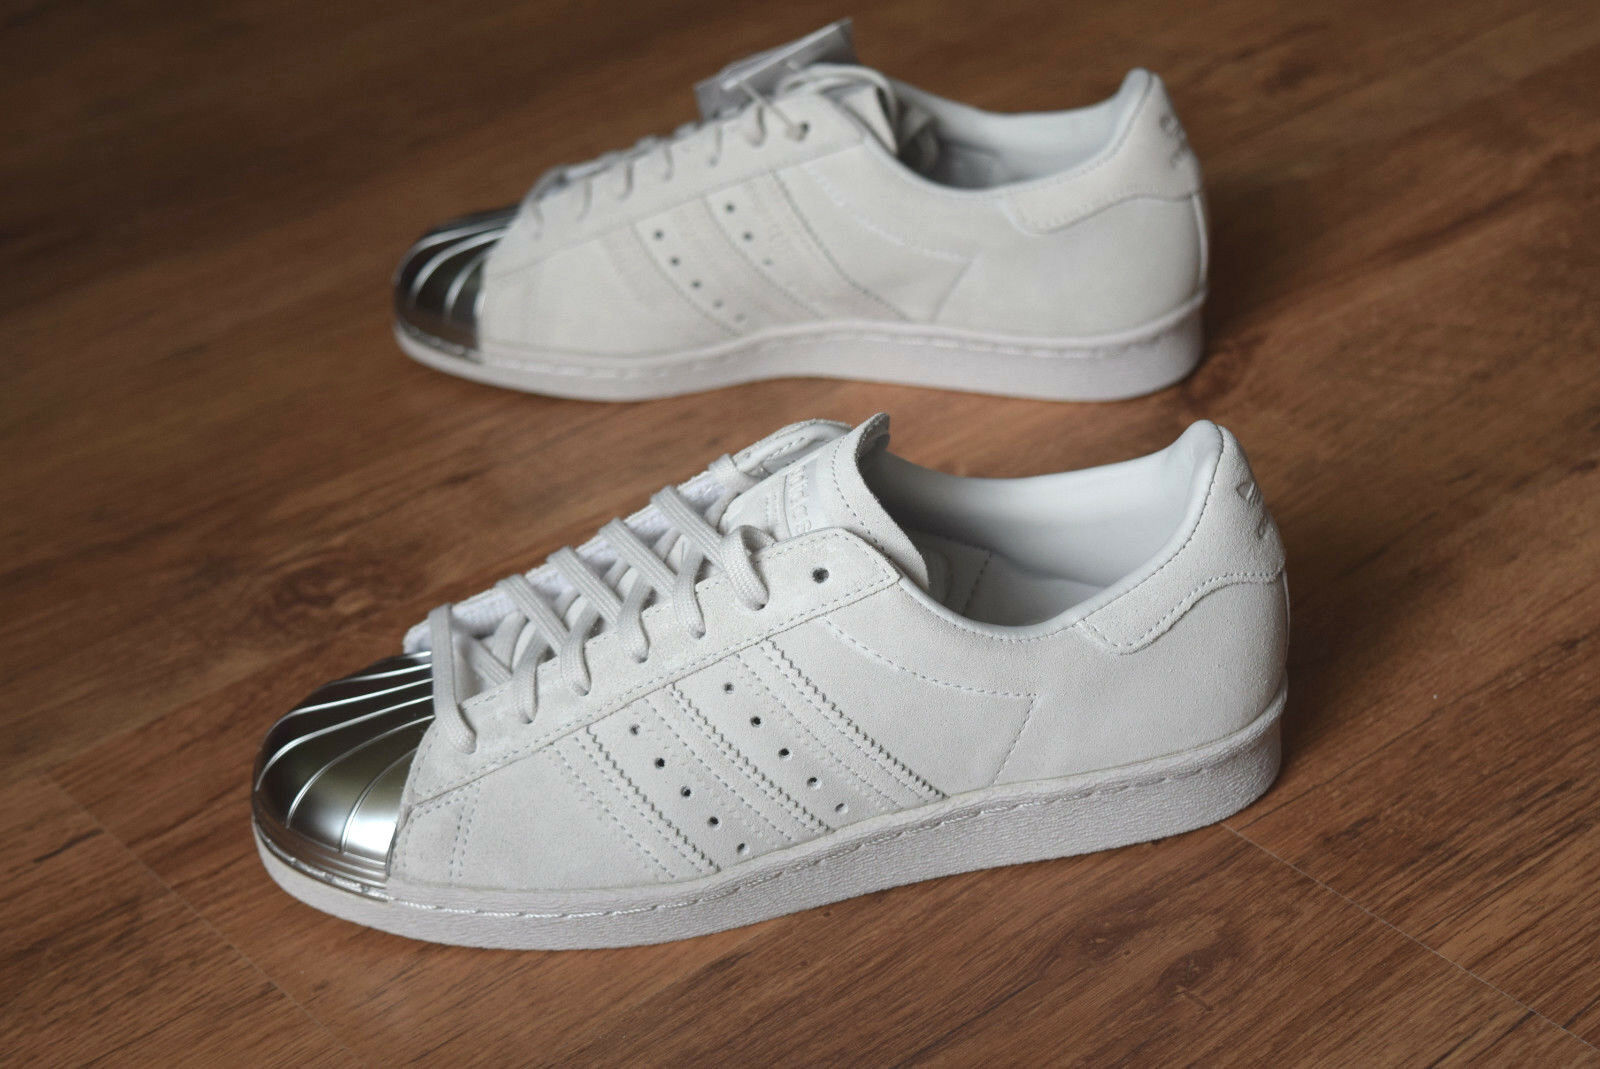 Adidas 38 Superstar Metal Toe W 36 37 38 Adidas Gazelle 39 40 41 CP9945 cf16f8